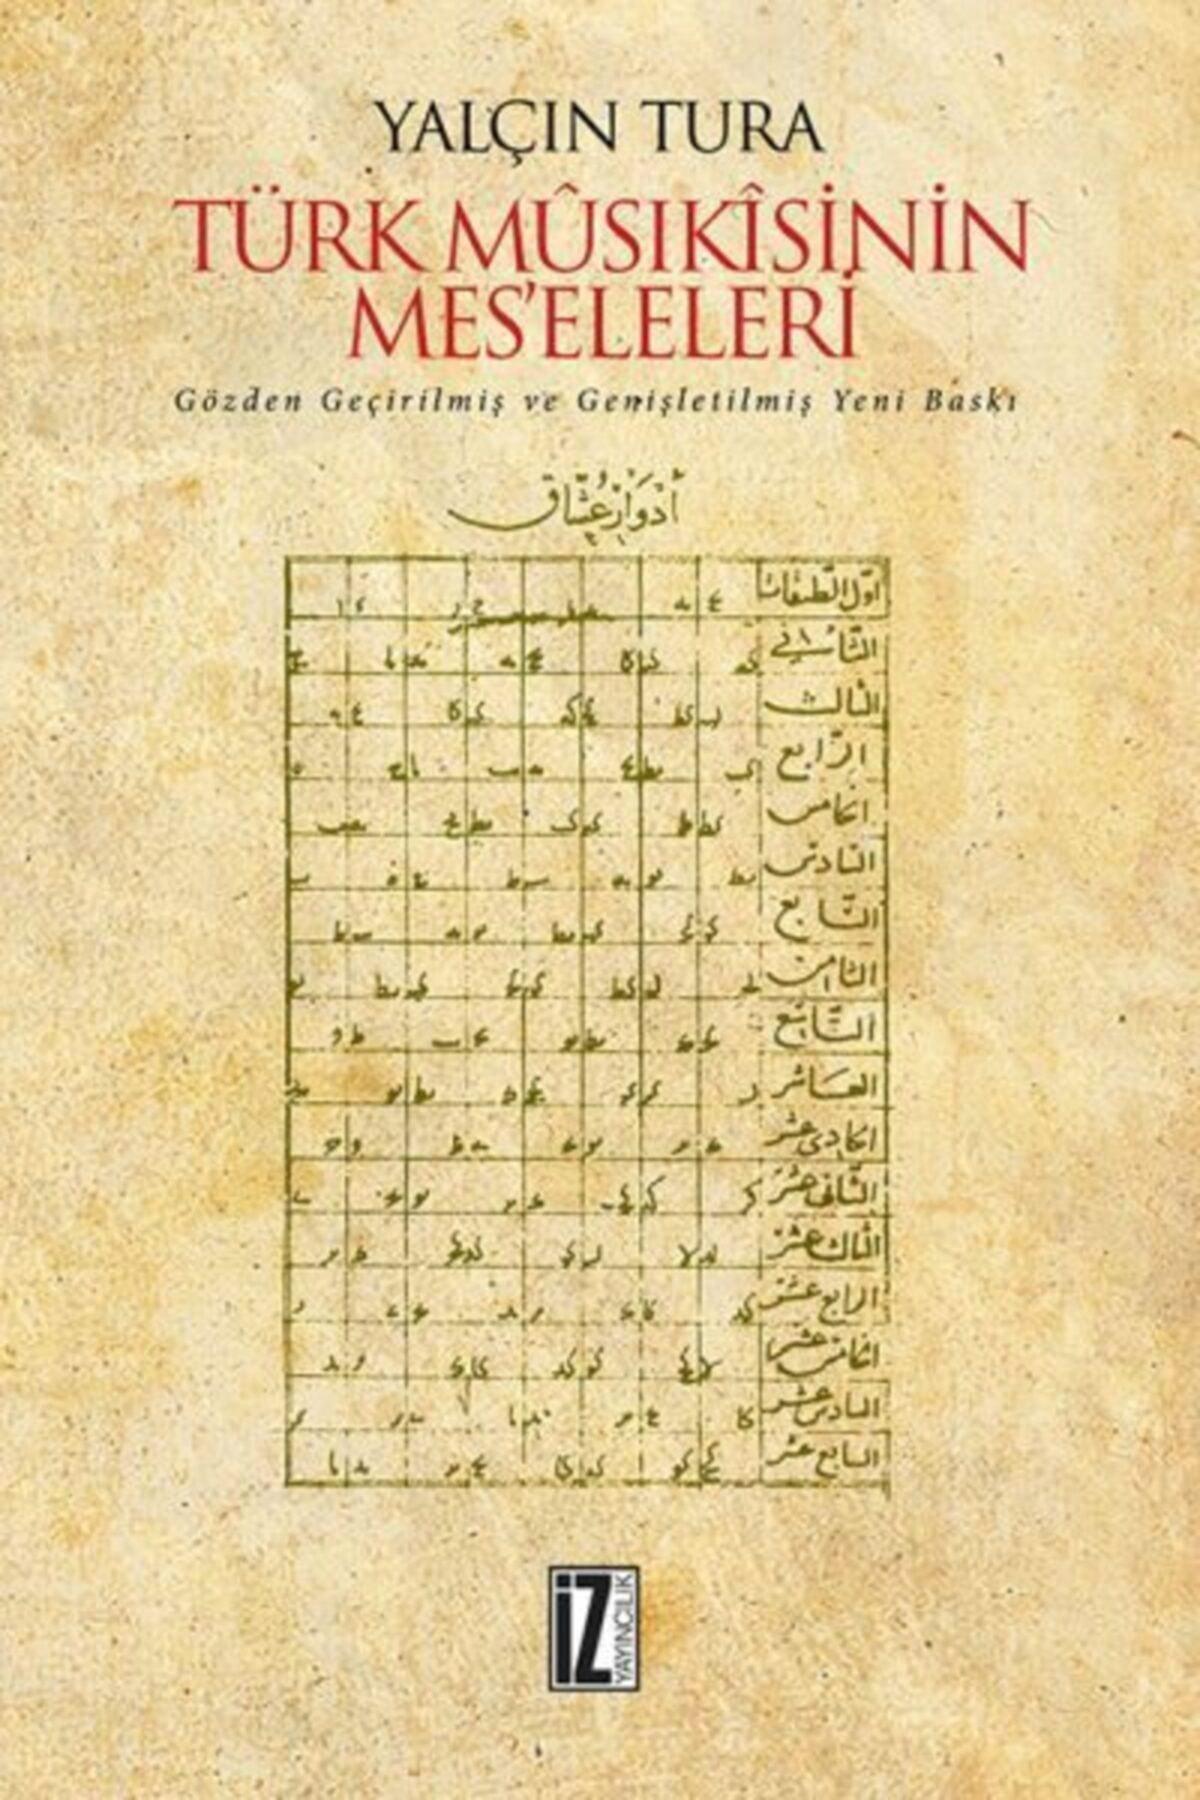 İz Yayıncılık Türk Mûsıkisinin Meseleleri Ciltli 1